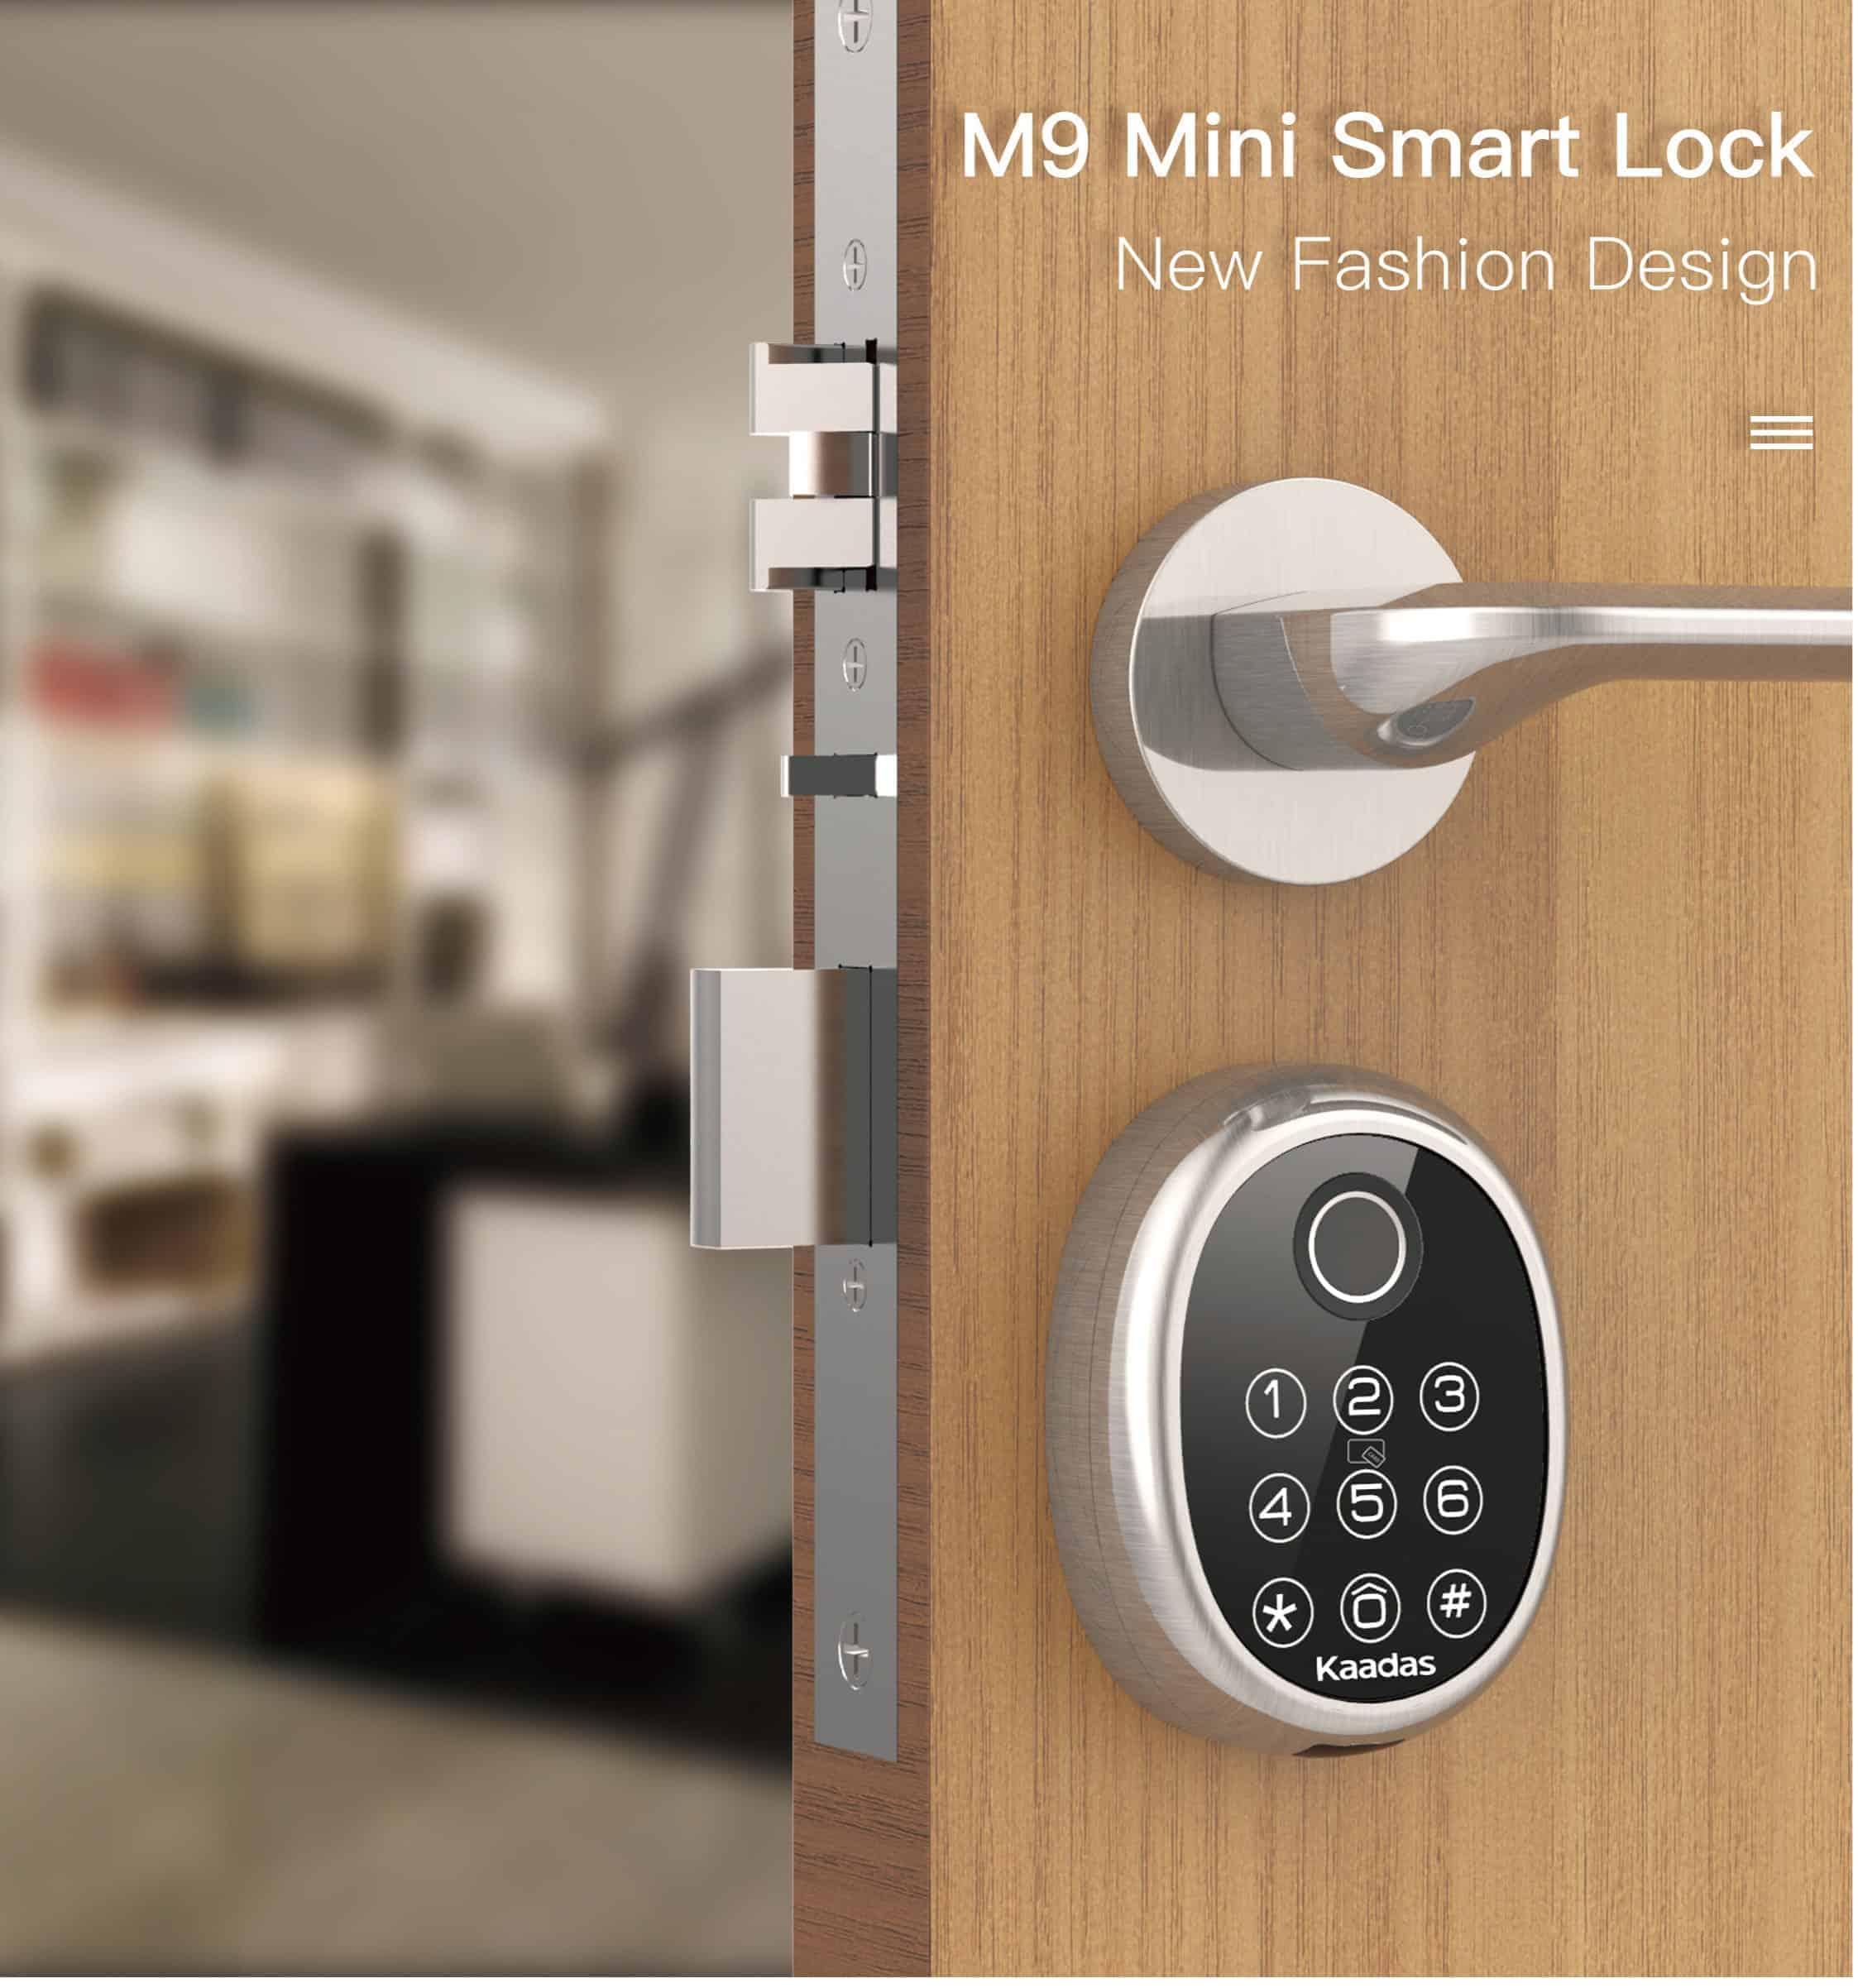 Kaadas M9 DIgital Lock